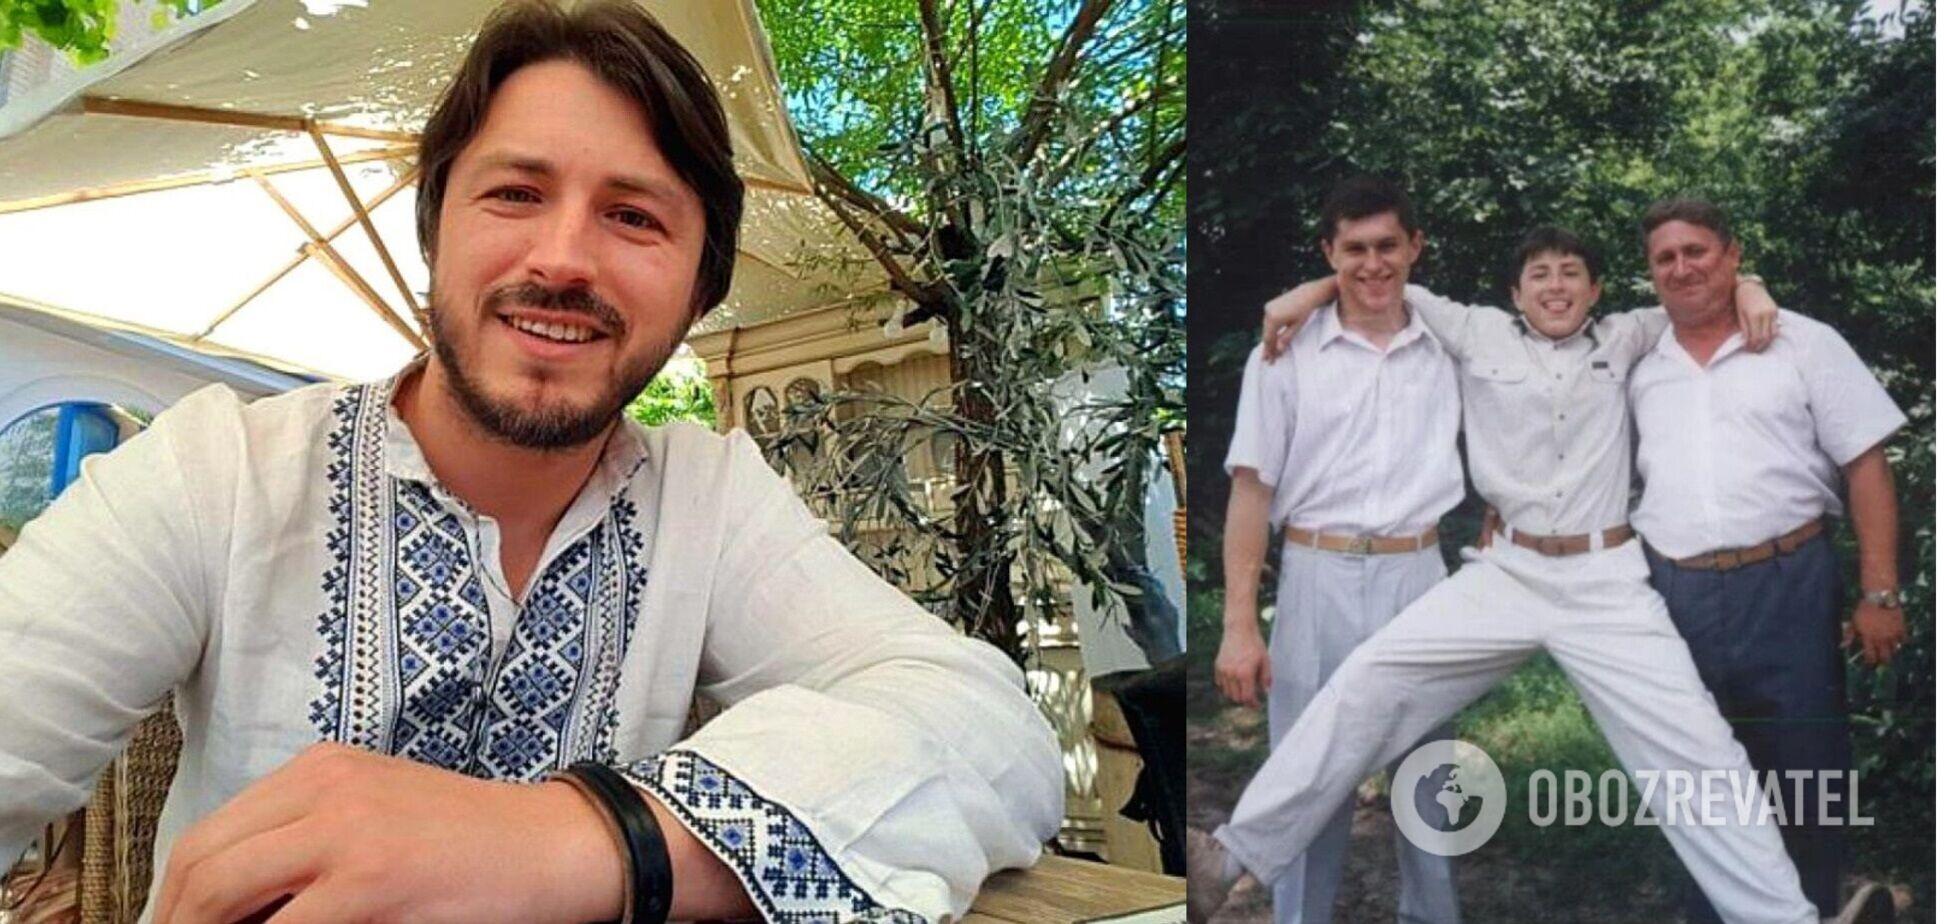 Сергей Притула показал отца и поделился воспоминаниями о нем